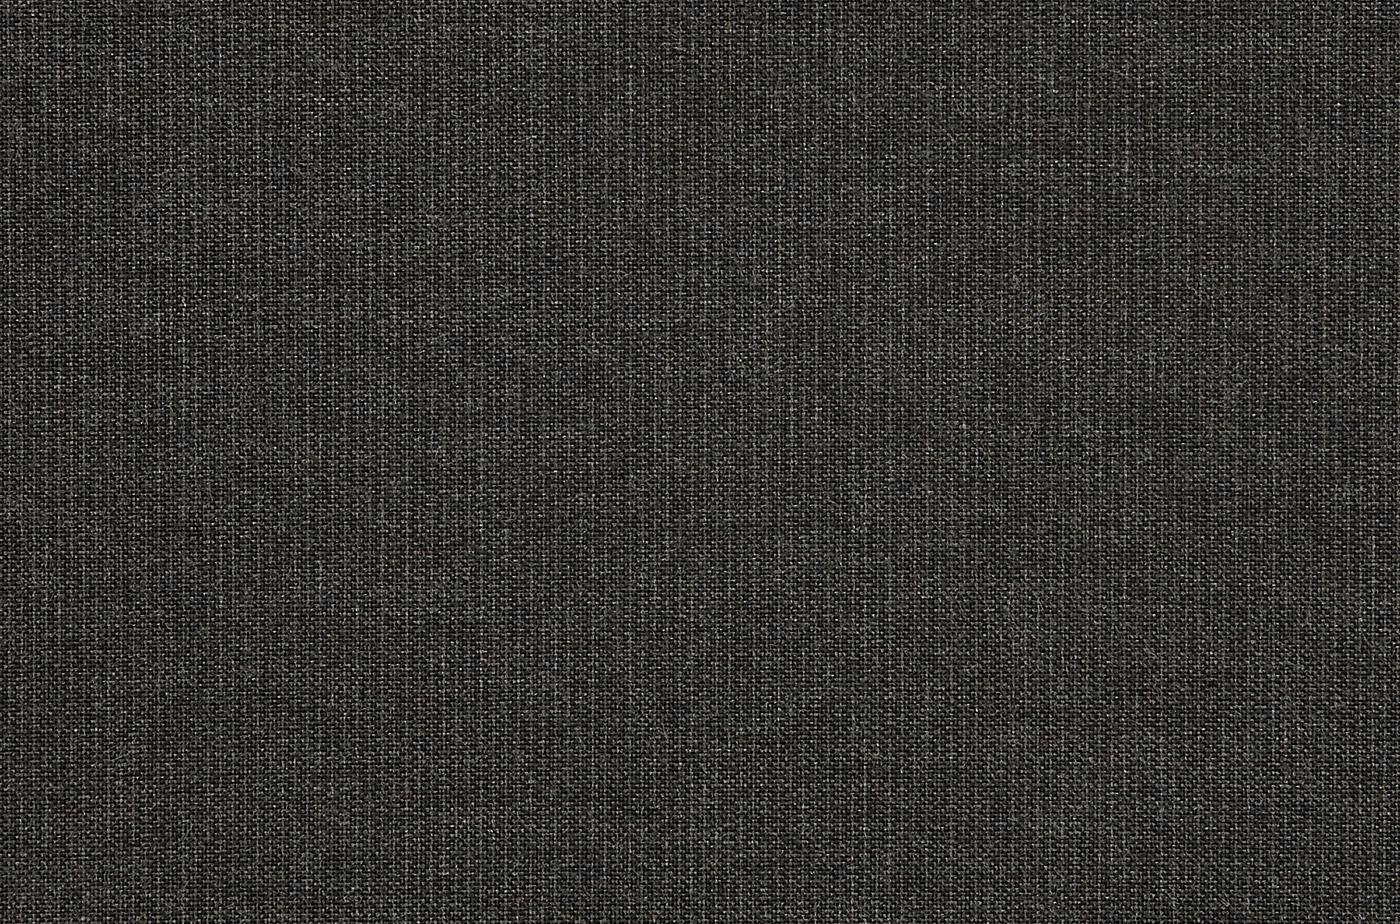 Spectrum Carbon 48085 0000